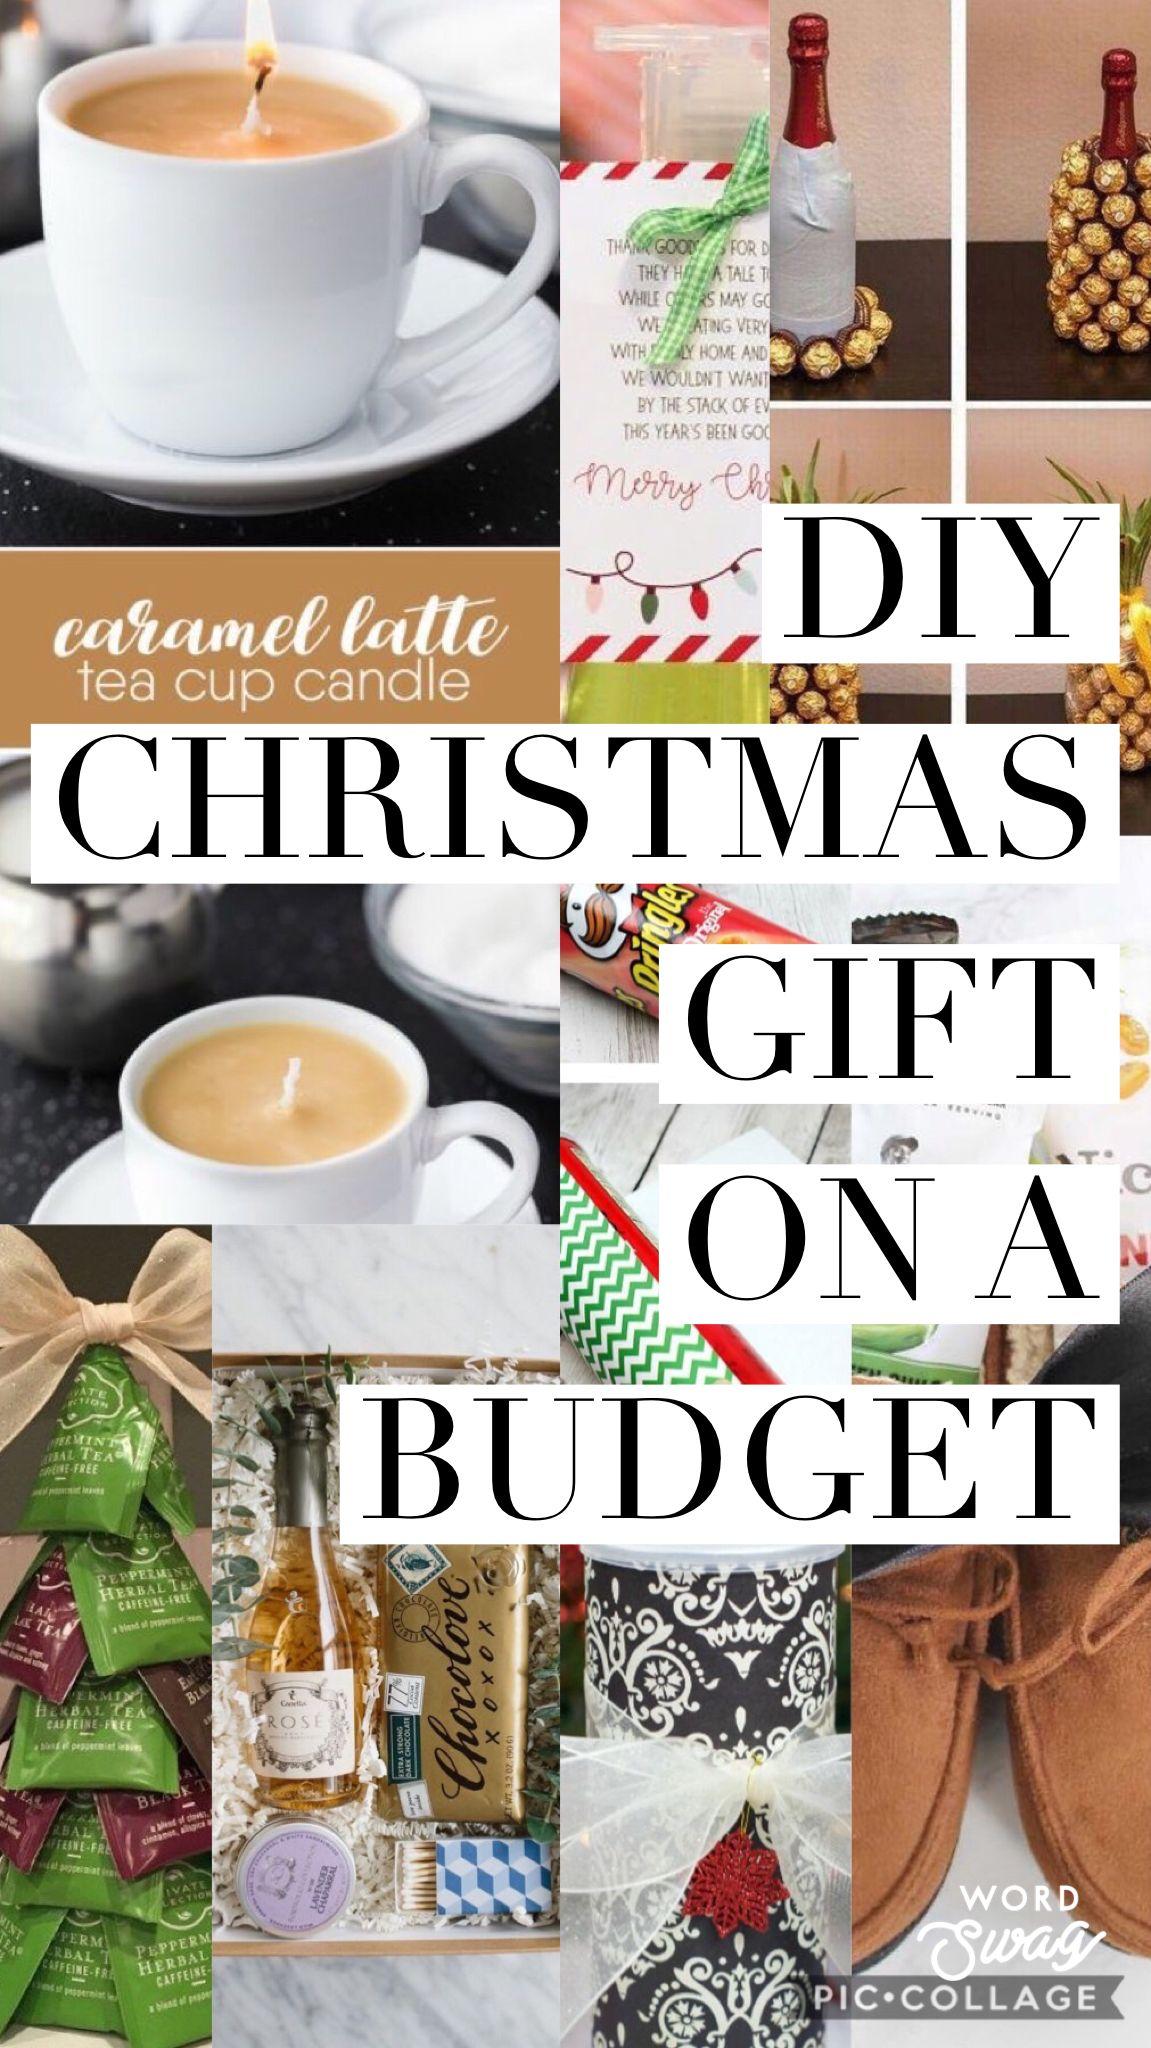 DIY Christmas Gifts on a Budget | Diy christmas gifts for kids, Easy diy christmas gifts, Diy ...